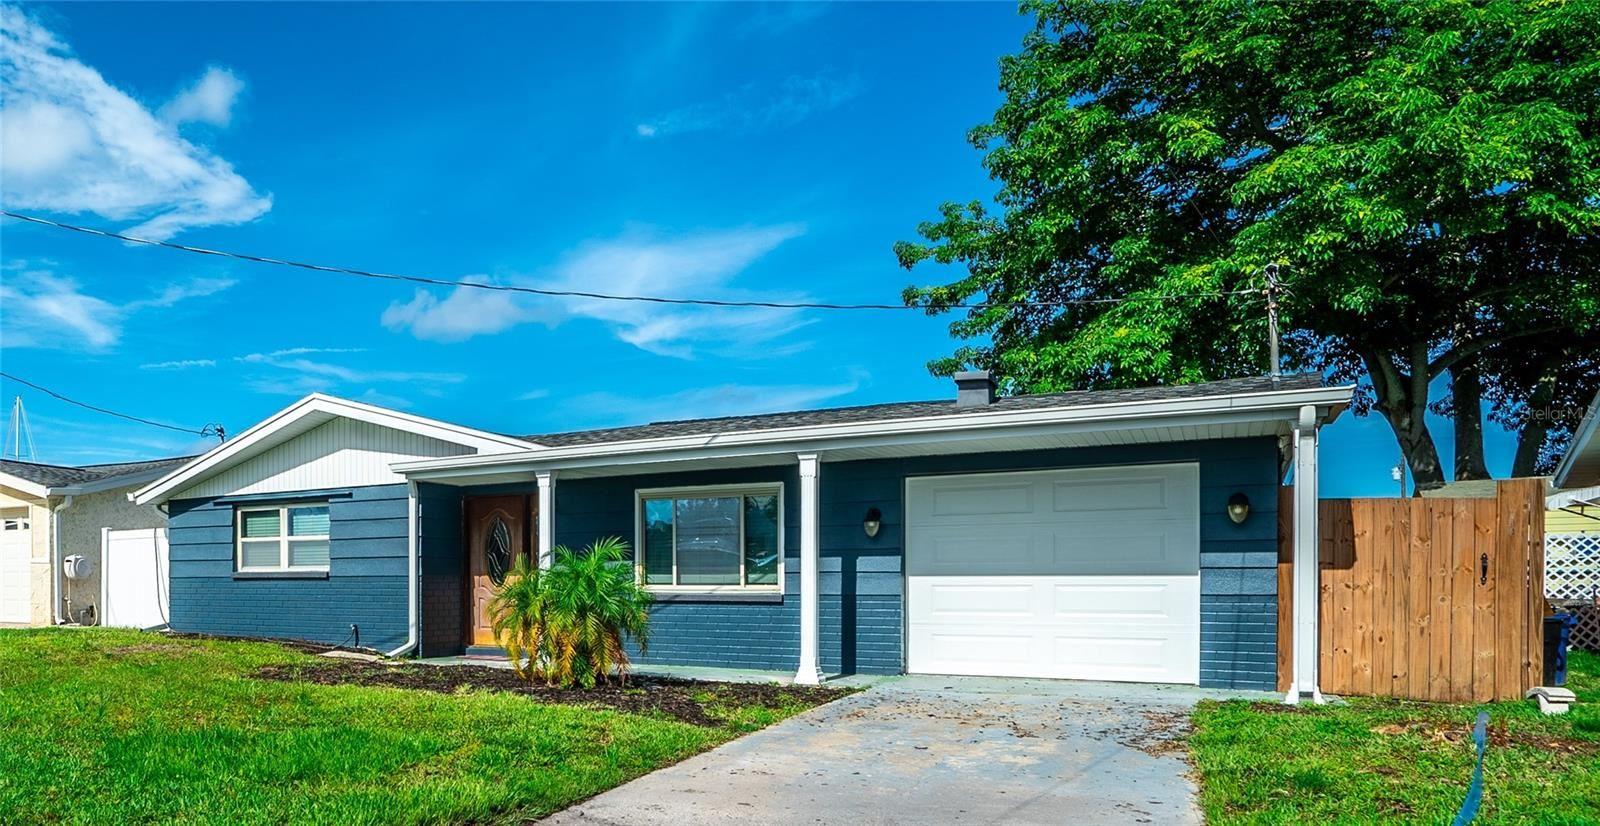 13617 BRITTON DRIVE, Hudson, FL 34667 - MLS#: W7836005